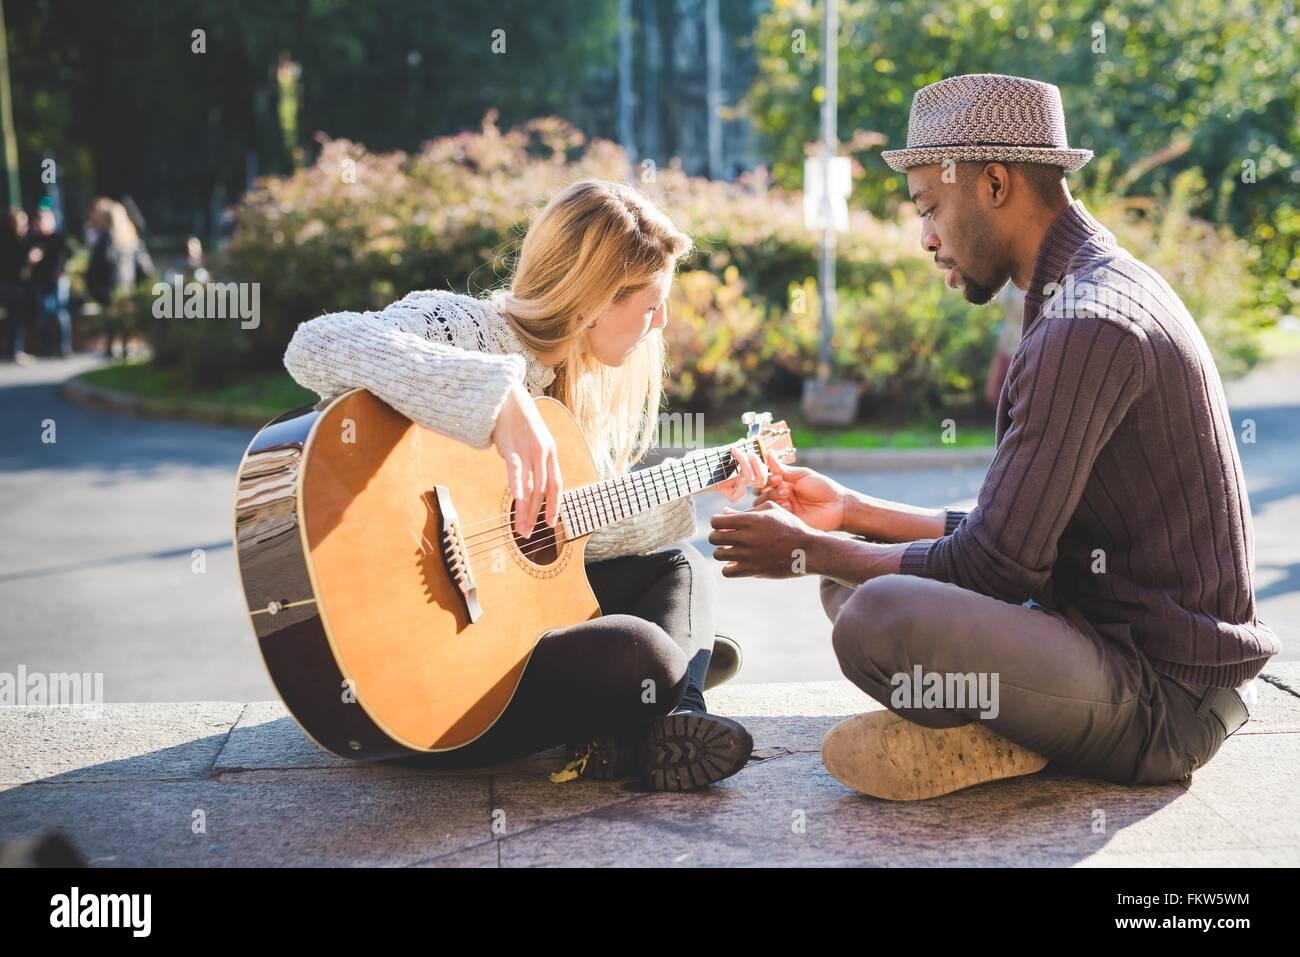 Couple d'apprendre à jouer de la guitare dans park Photo Stock